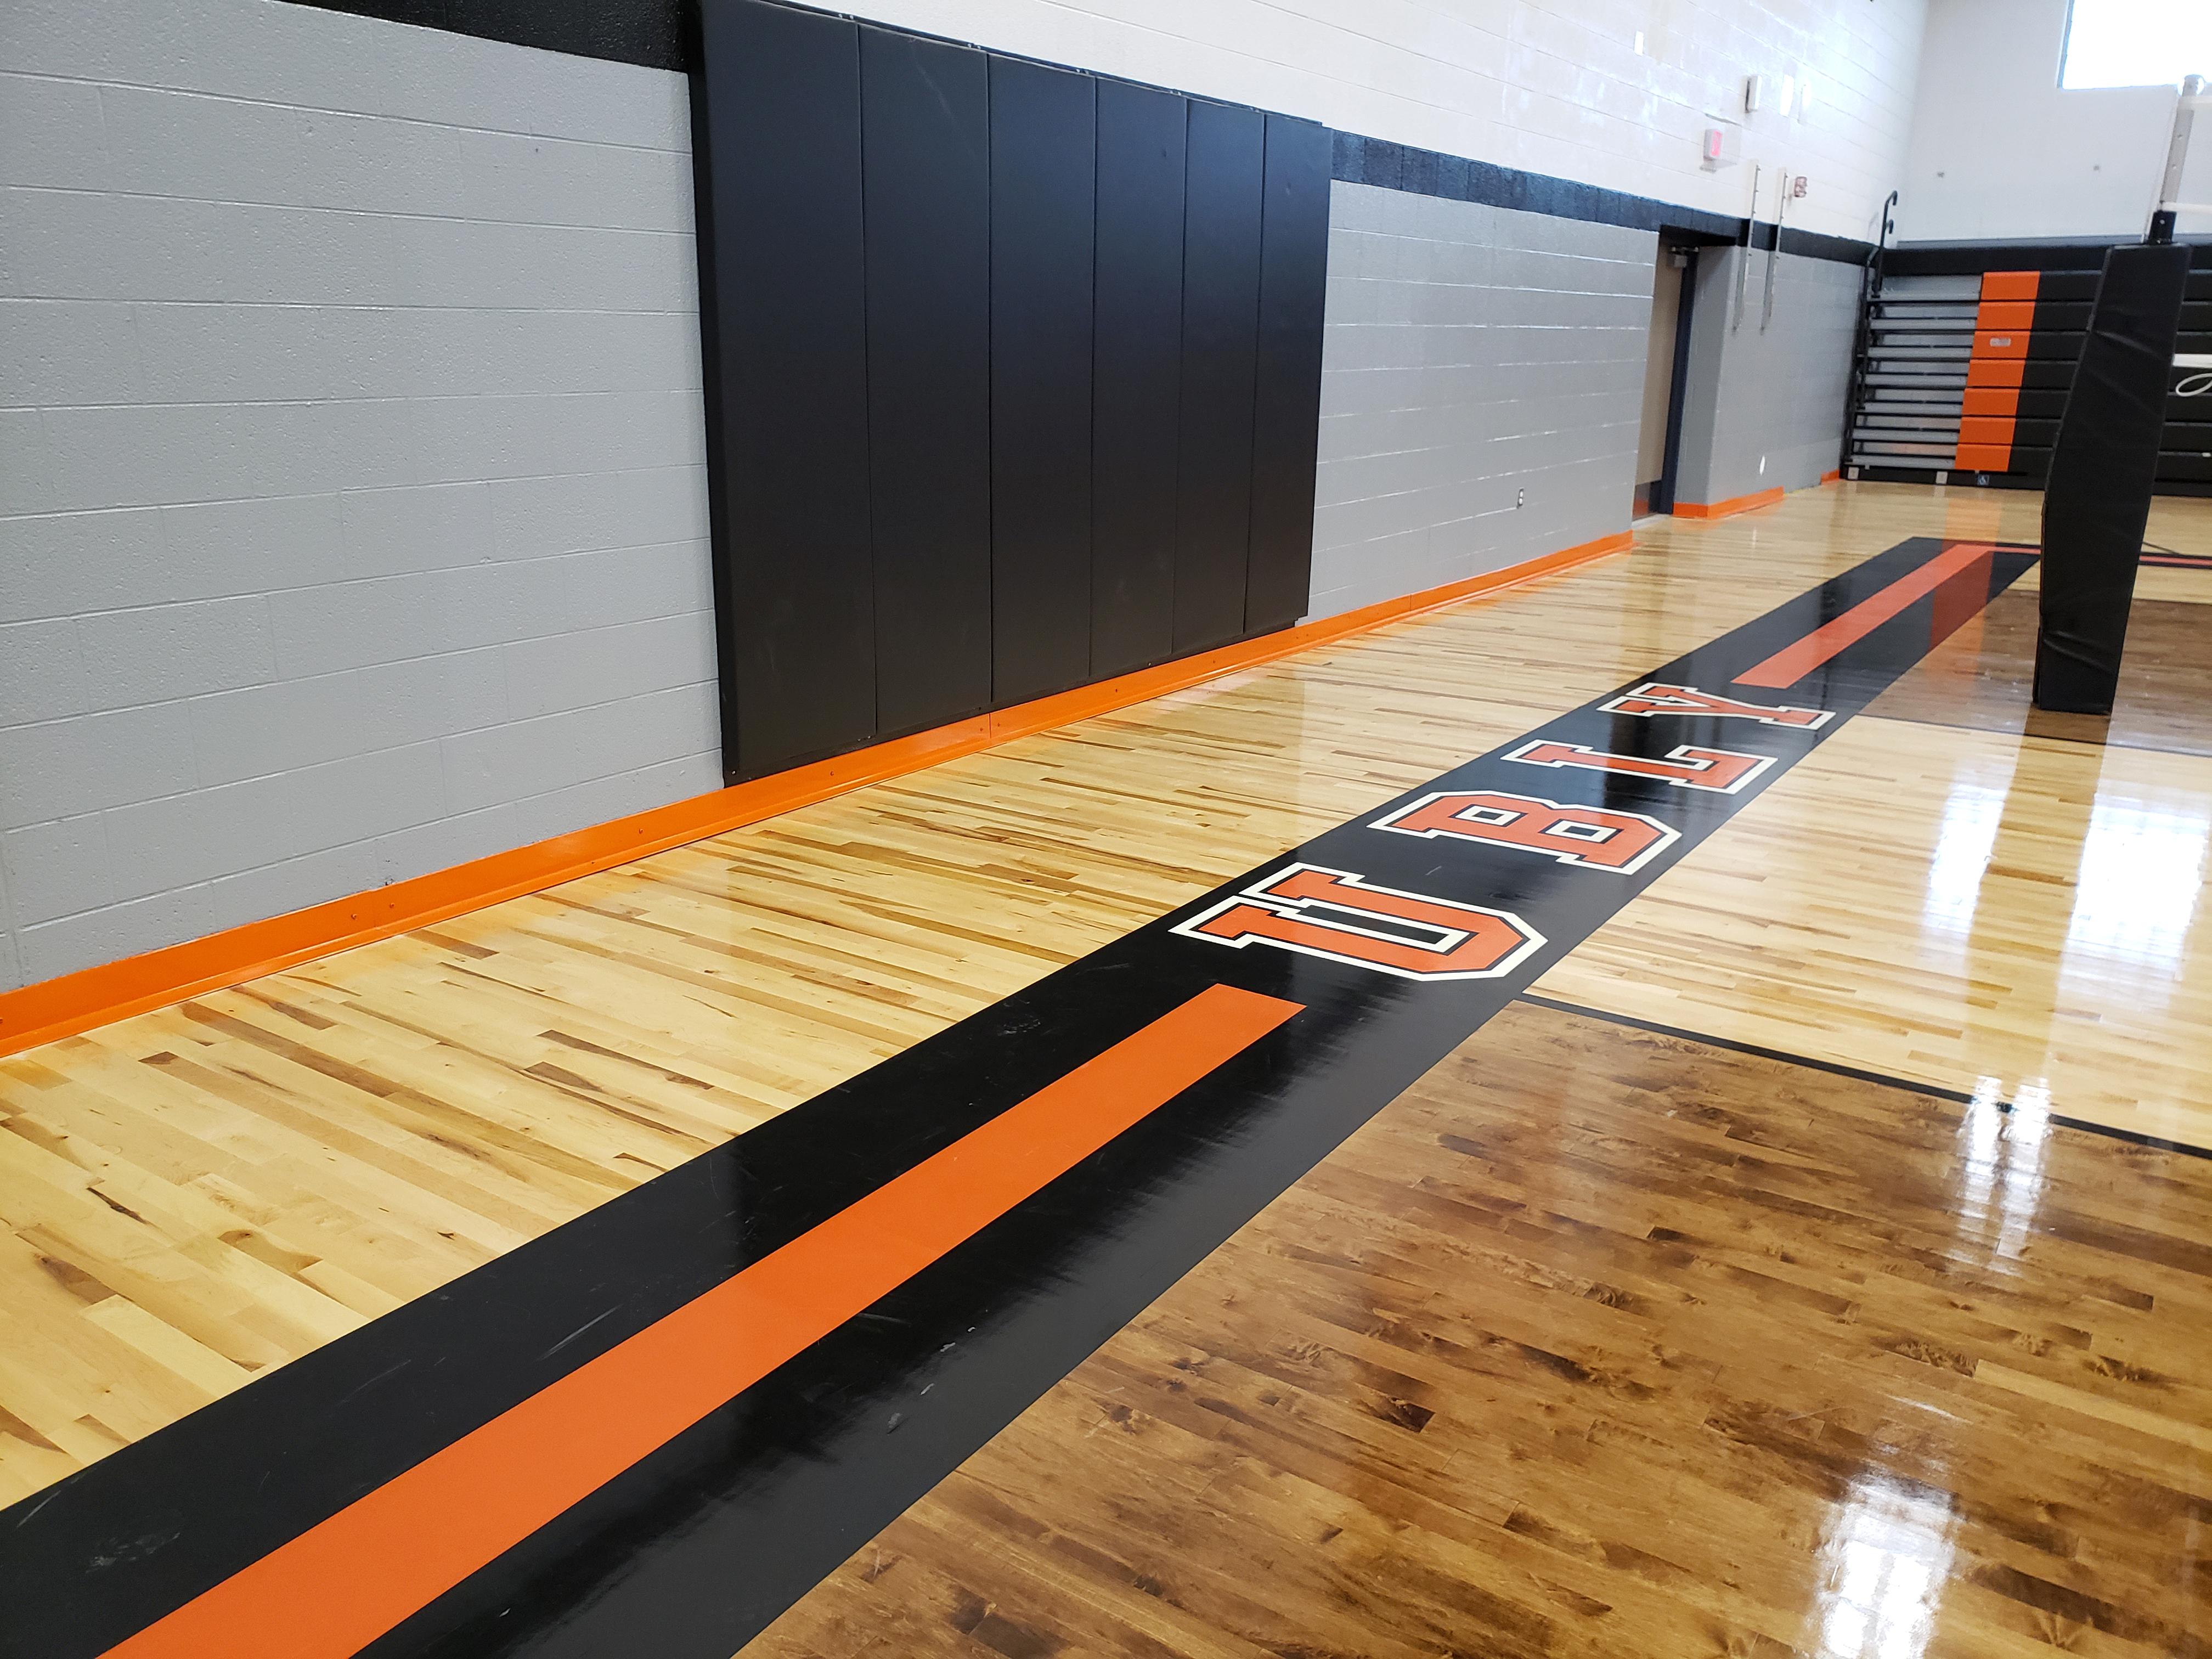 Ubly High School Gym